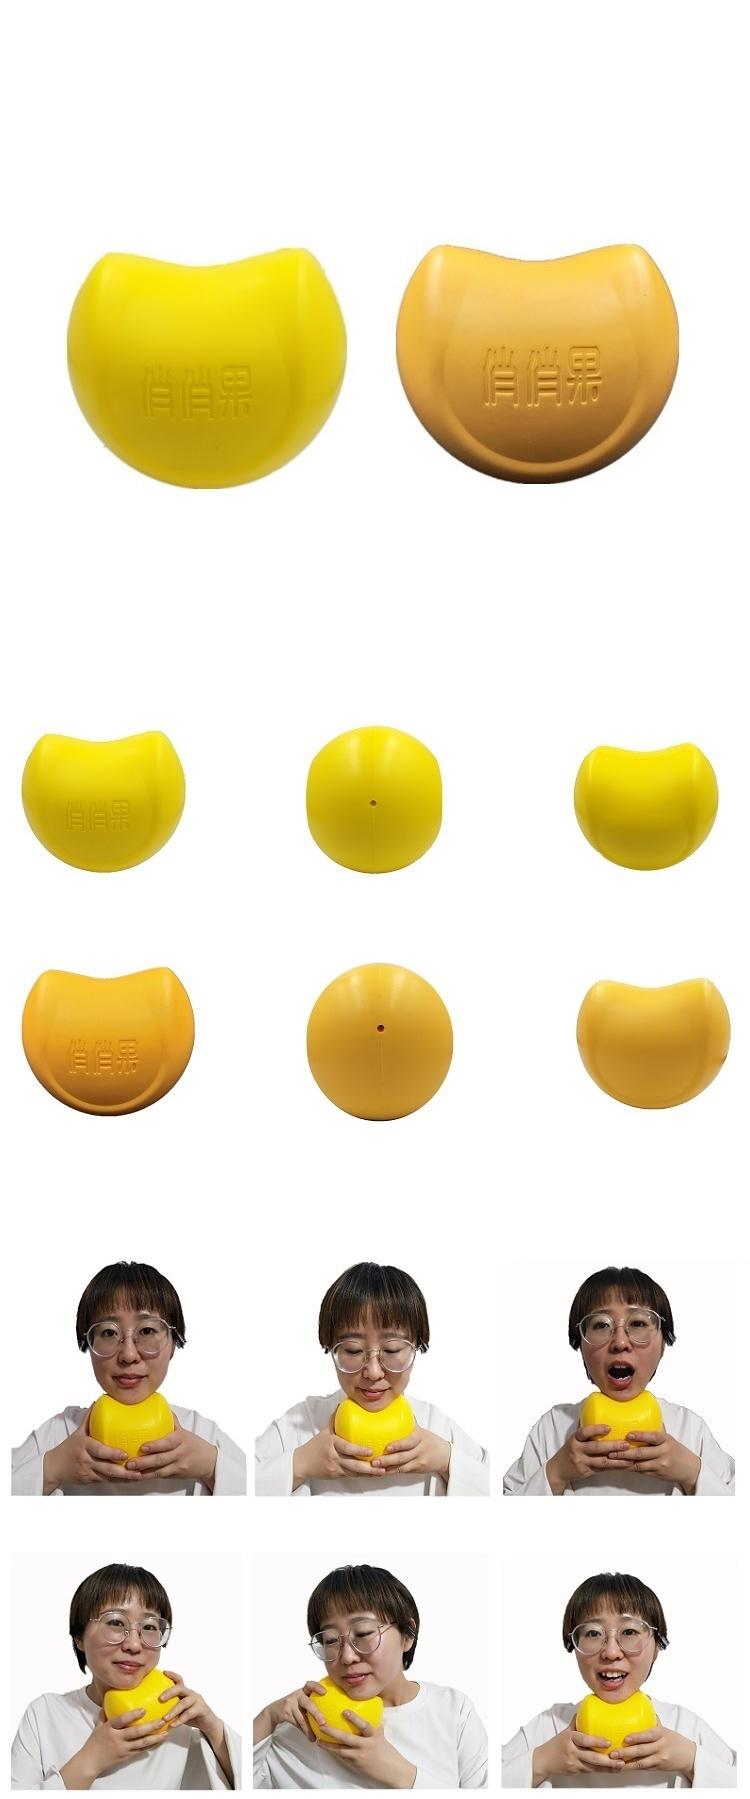 Lindo pescoço-shaper caber o contorno do pescoço para reduzir a gordura do pescoço e anti ronco